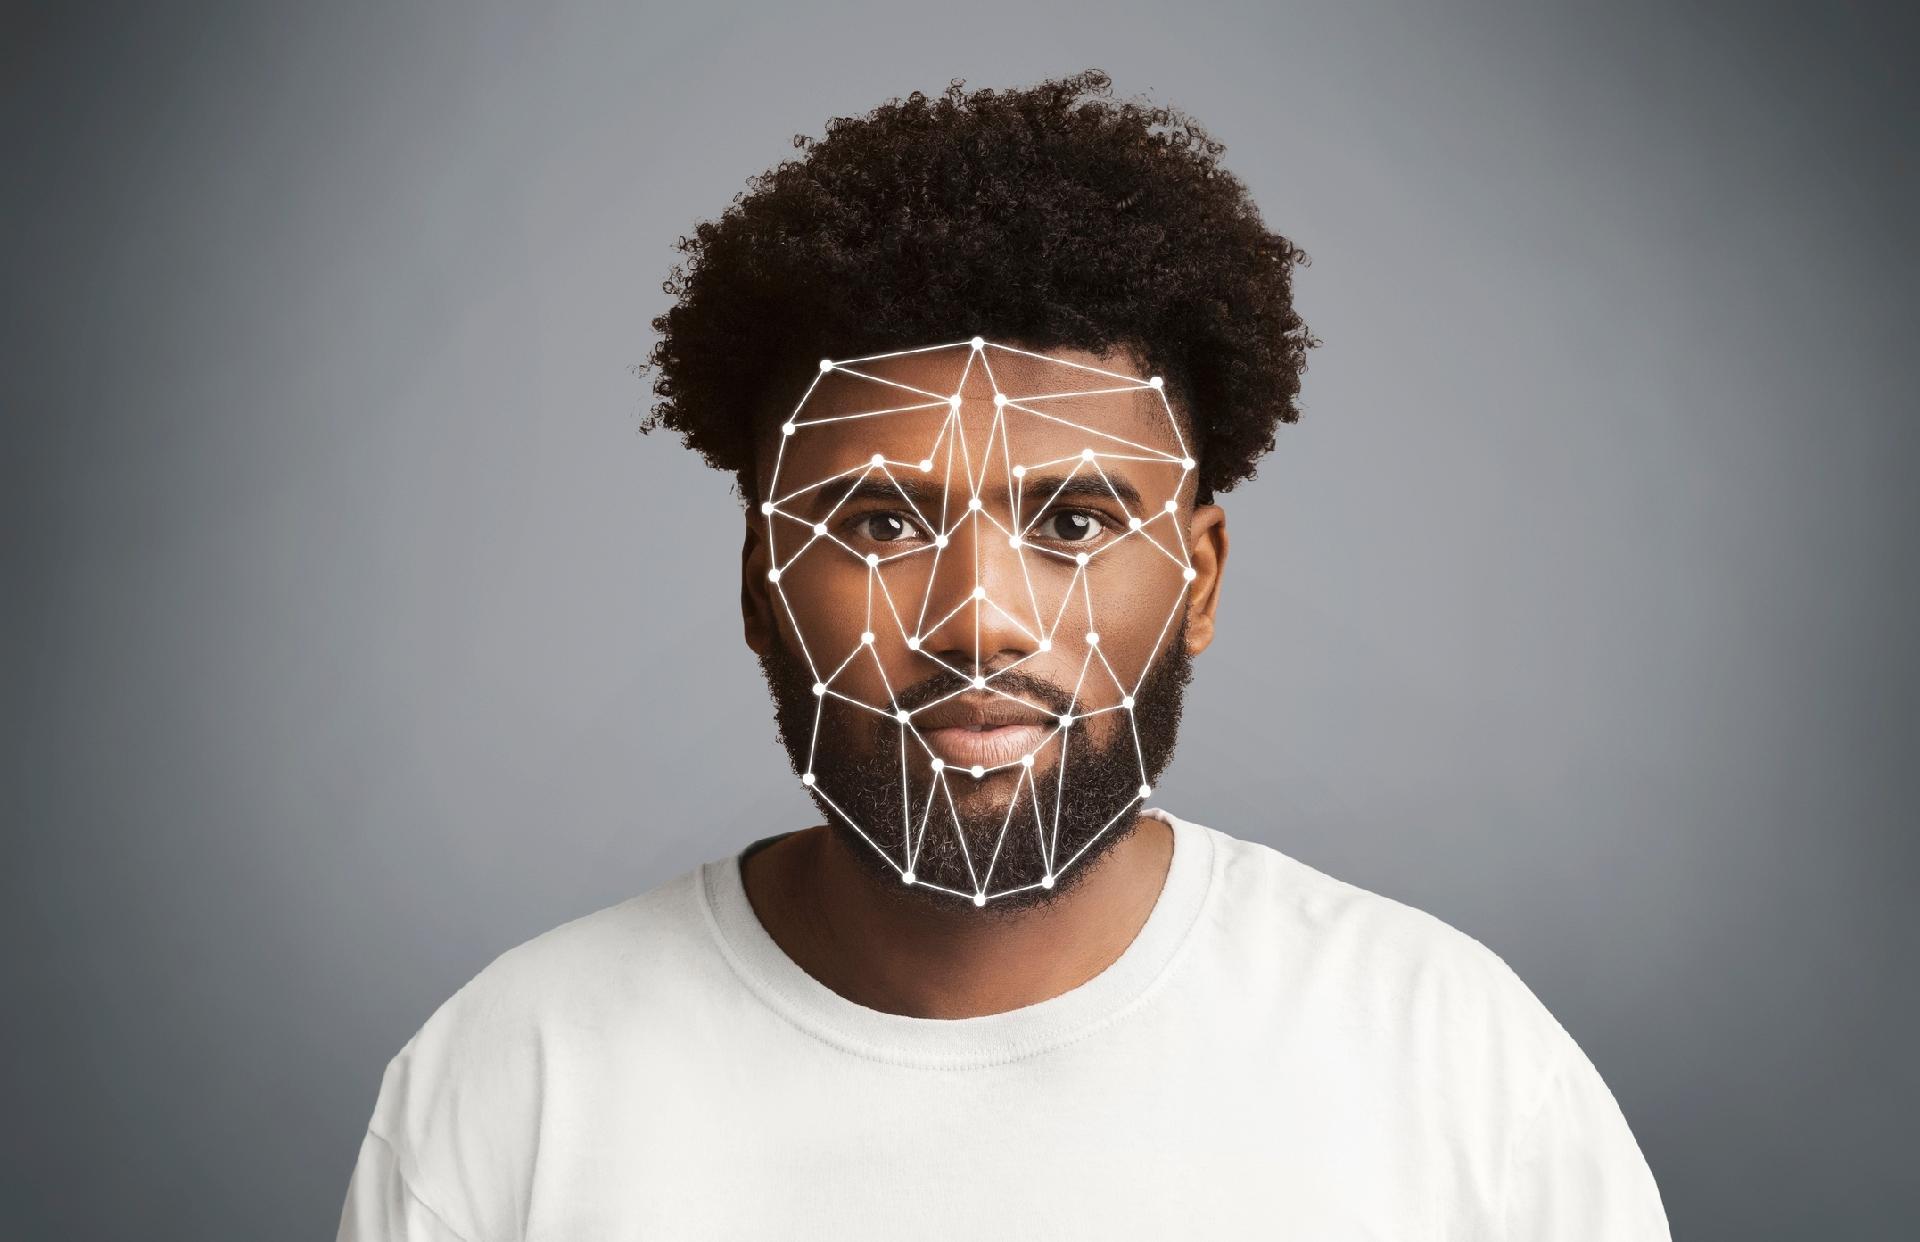 Deepfake: técnica descobre se foto de pessoa é falsa